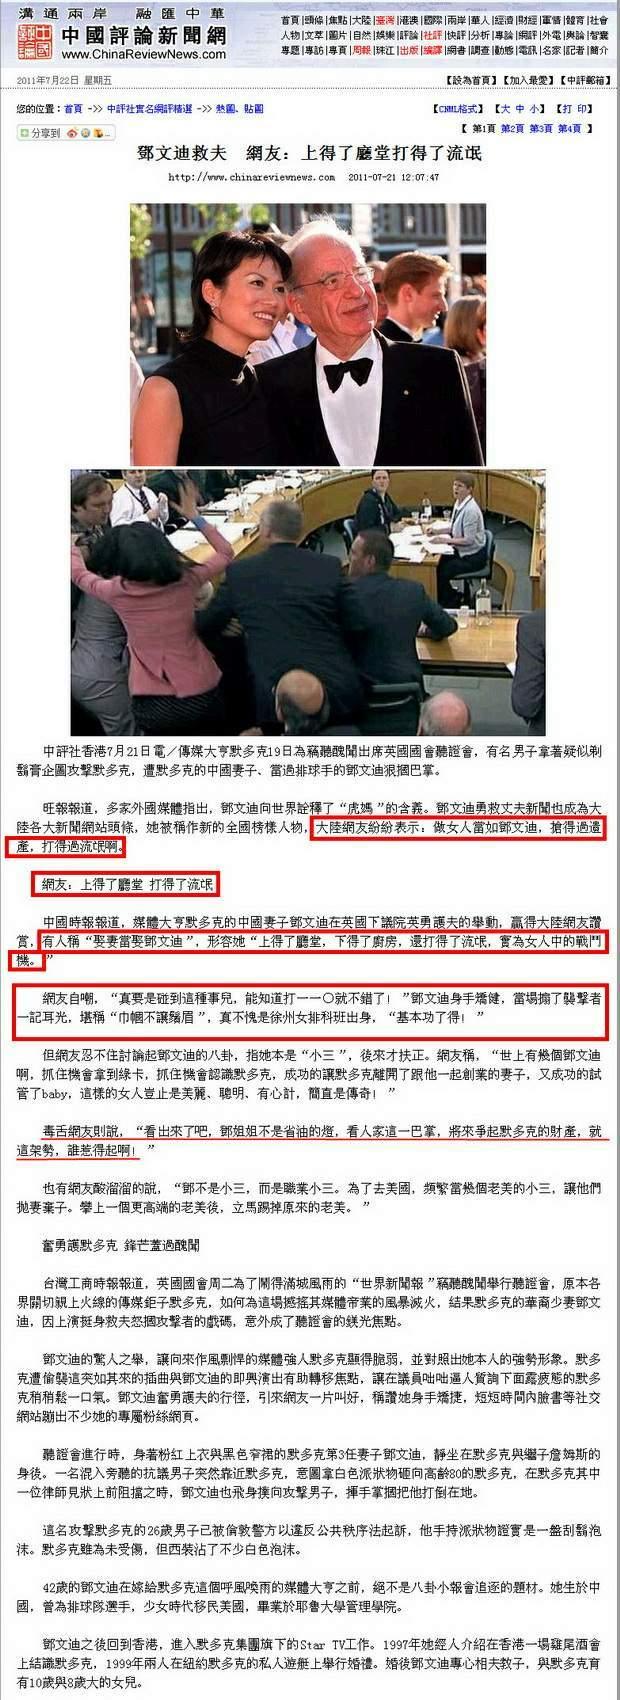 鄧文迪救夫 網友:上得了廳堂打得了流氓-2011.07.21.jpg